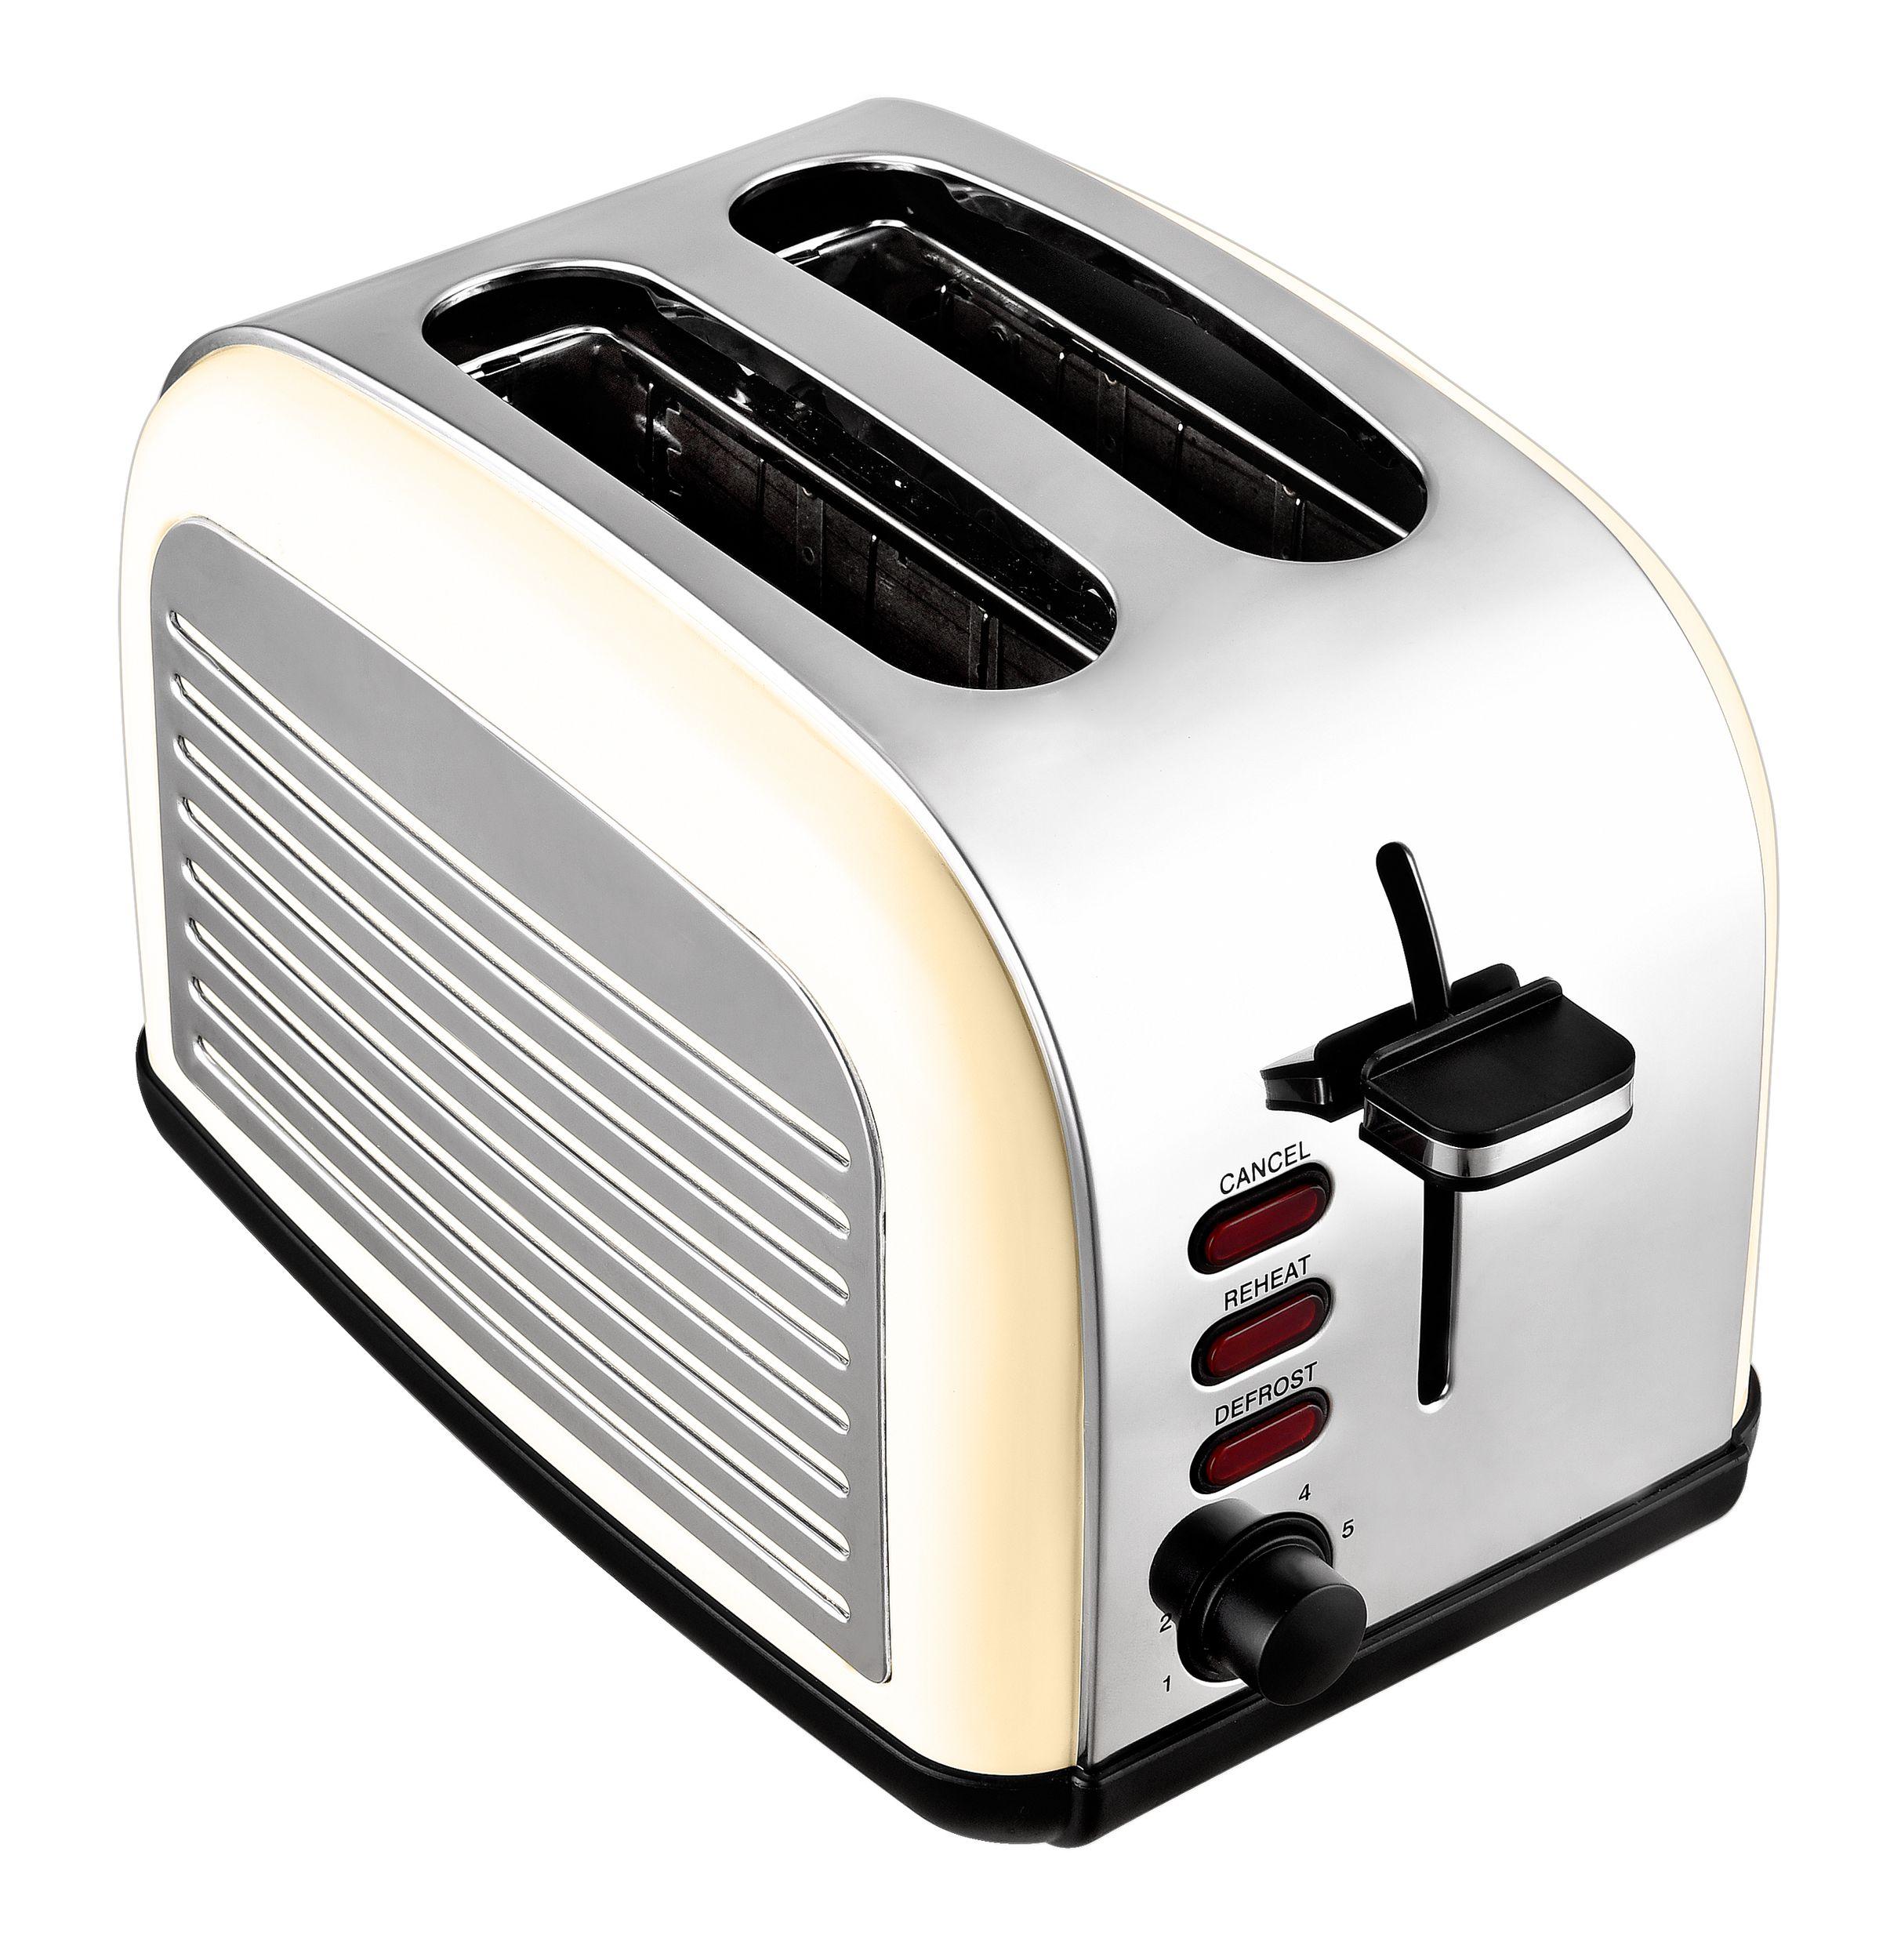 2-Scheiben-Edelstahltoaster Retro Design creme weiß Brötchenaufsatz NEU*94081 Bild 3